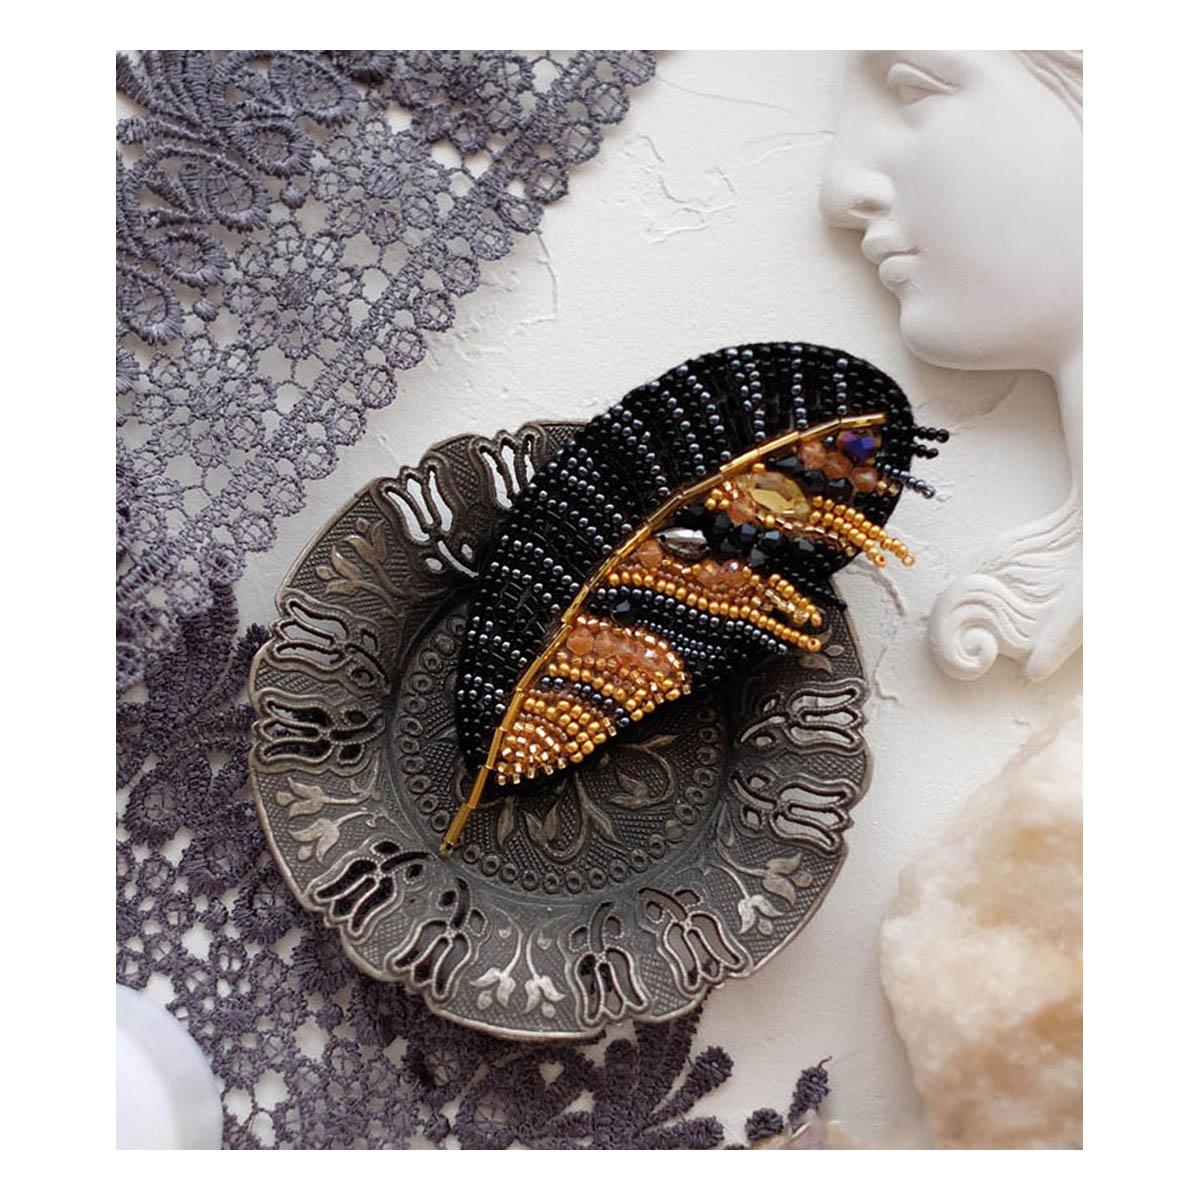 АД-040 Набор для вышивки бисером украшения на натур. художественном холсте 'Перо'6,0*8,5см